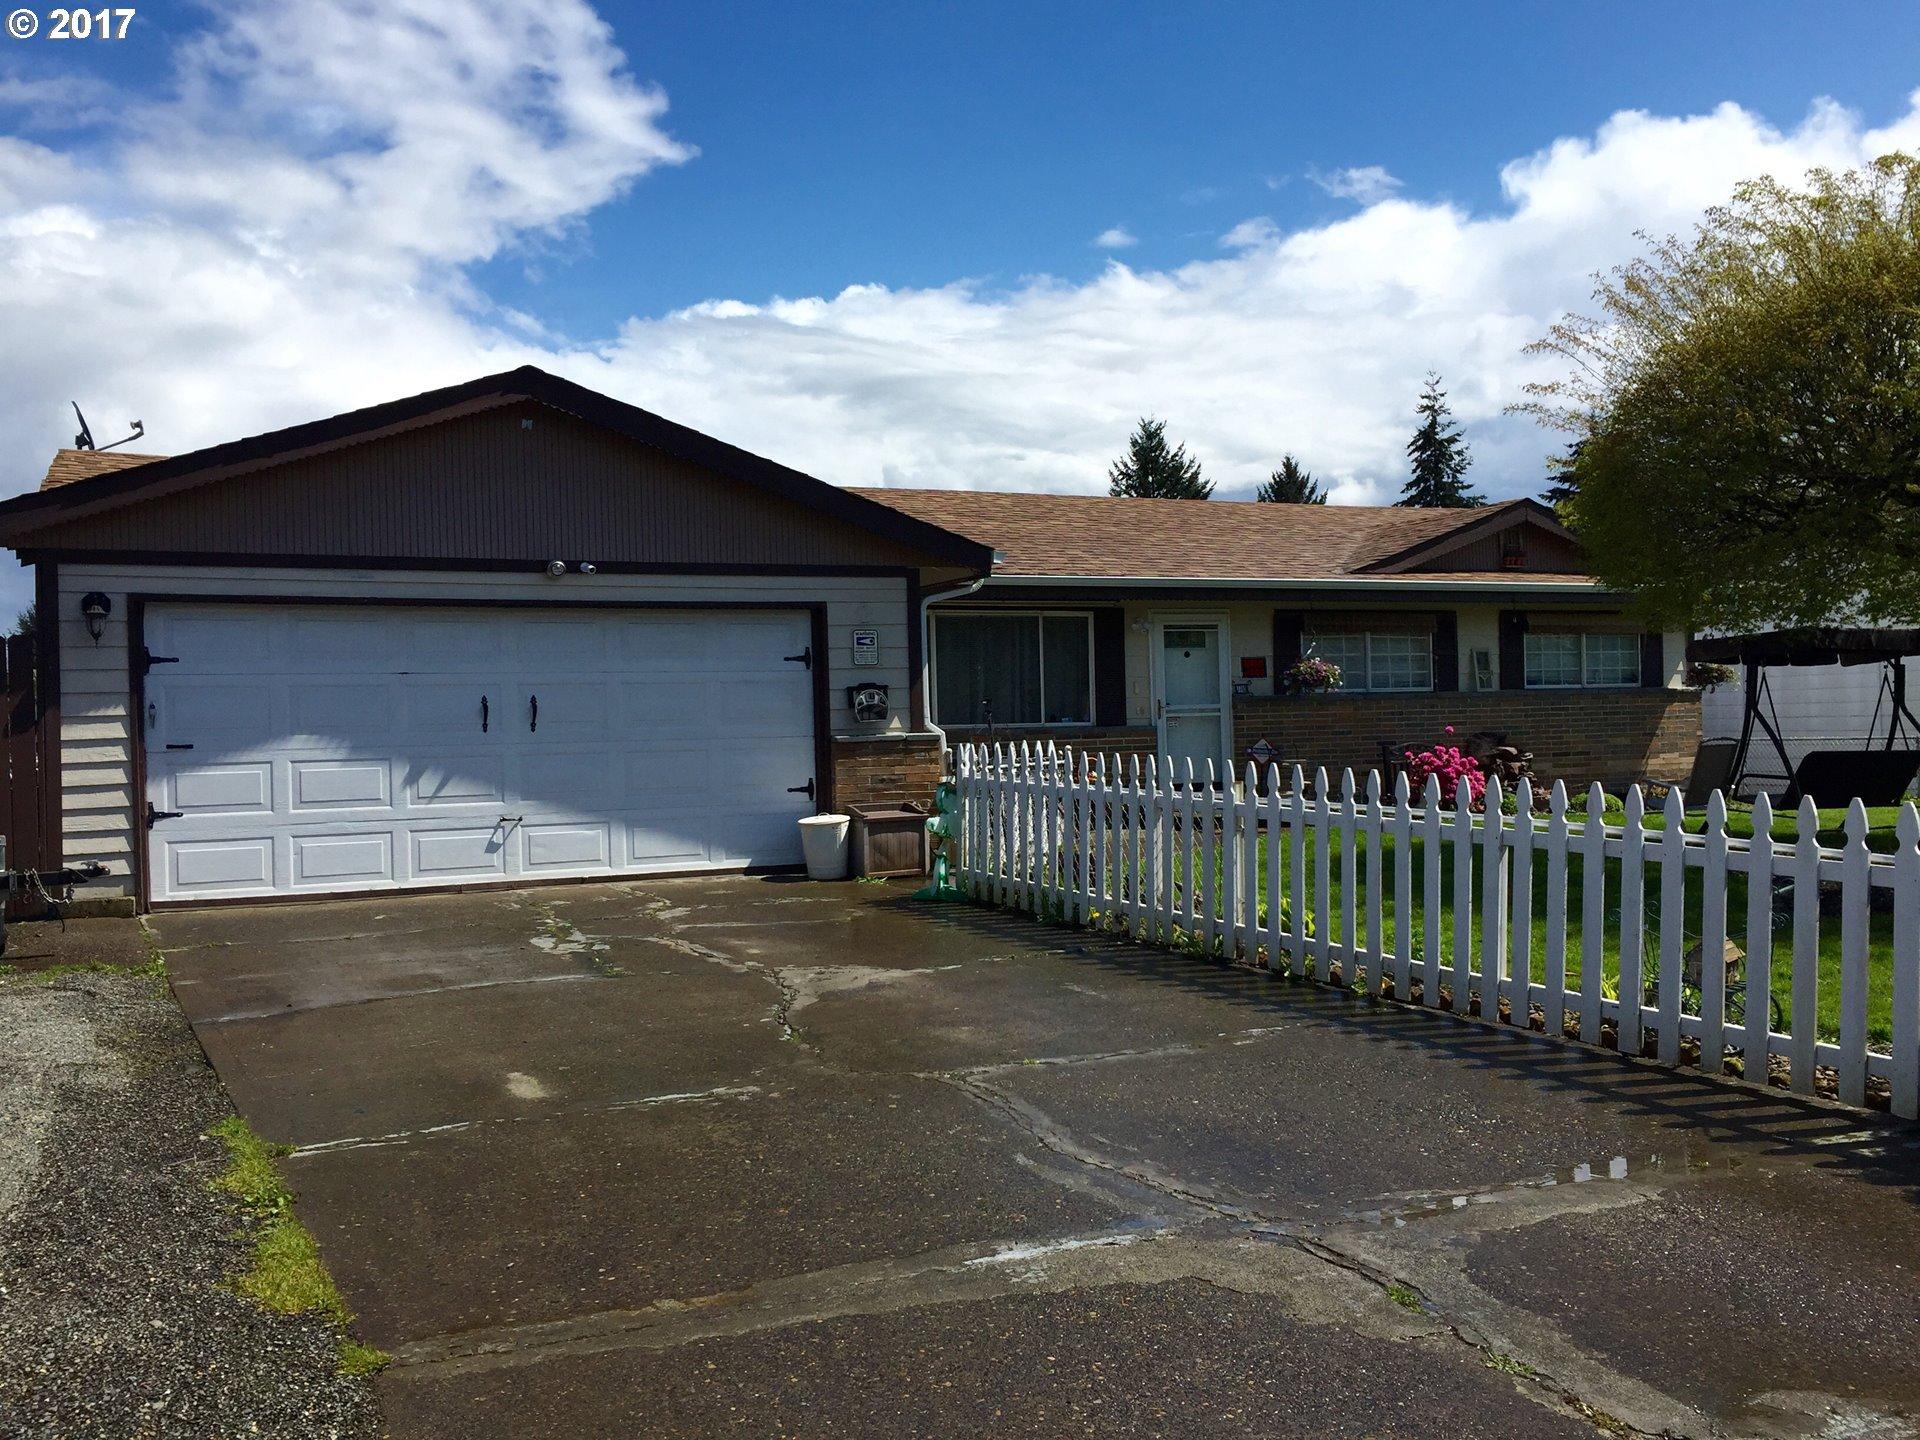 7703 NE 127TH AVE, Vancouver, WA 98682